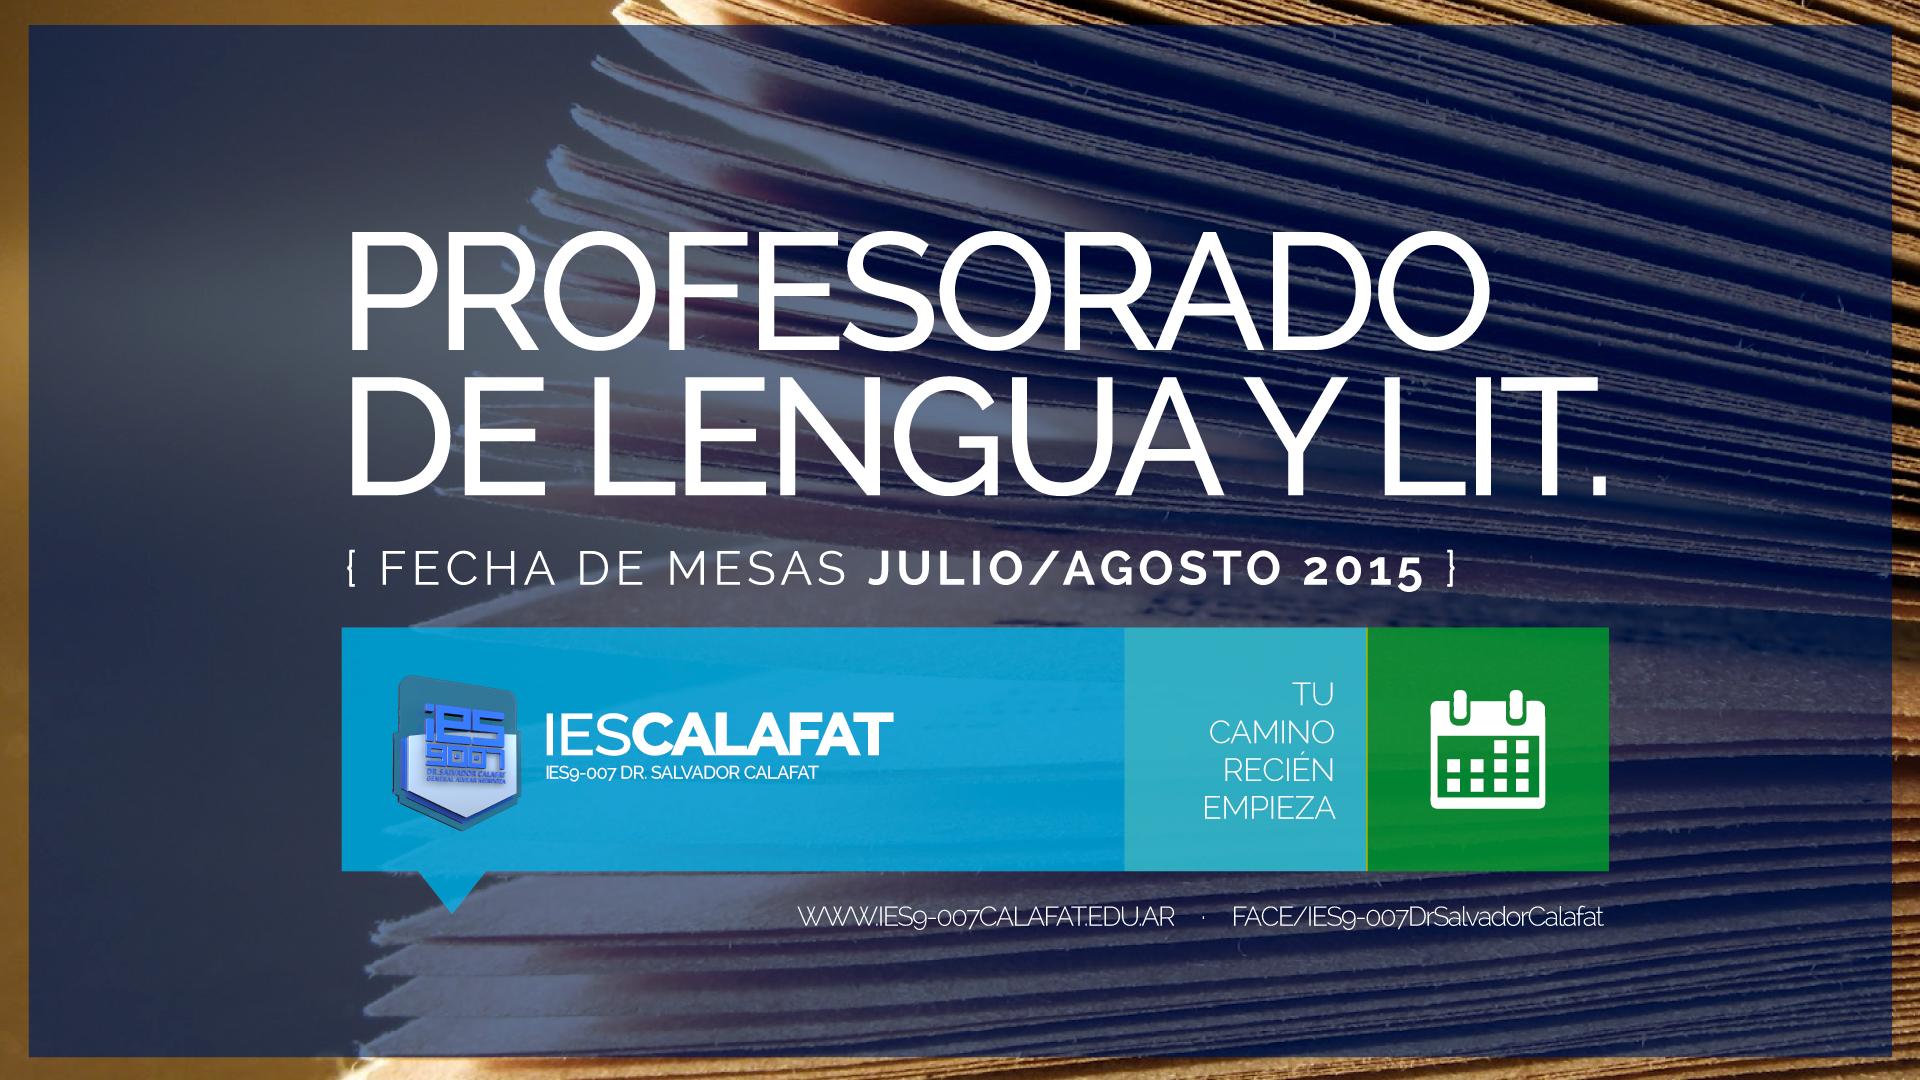 Profesorado de Lengua y Literatura: Mesas finales Julio/Agosto 2015